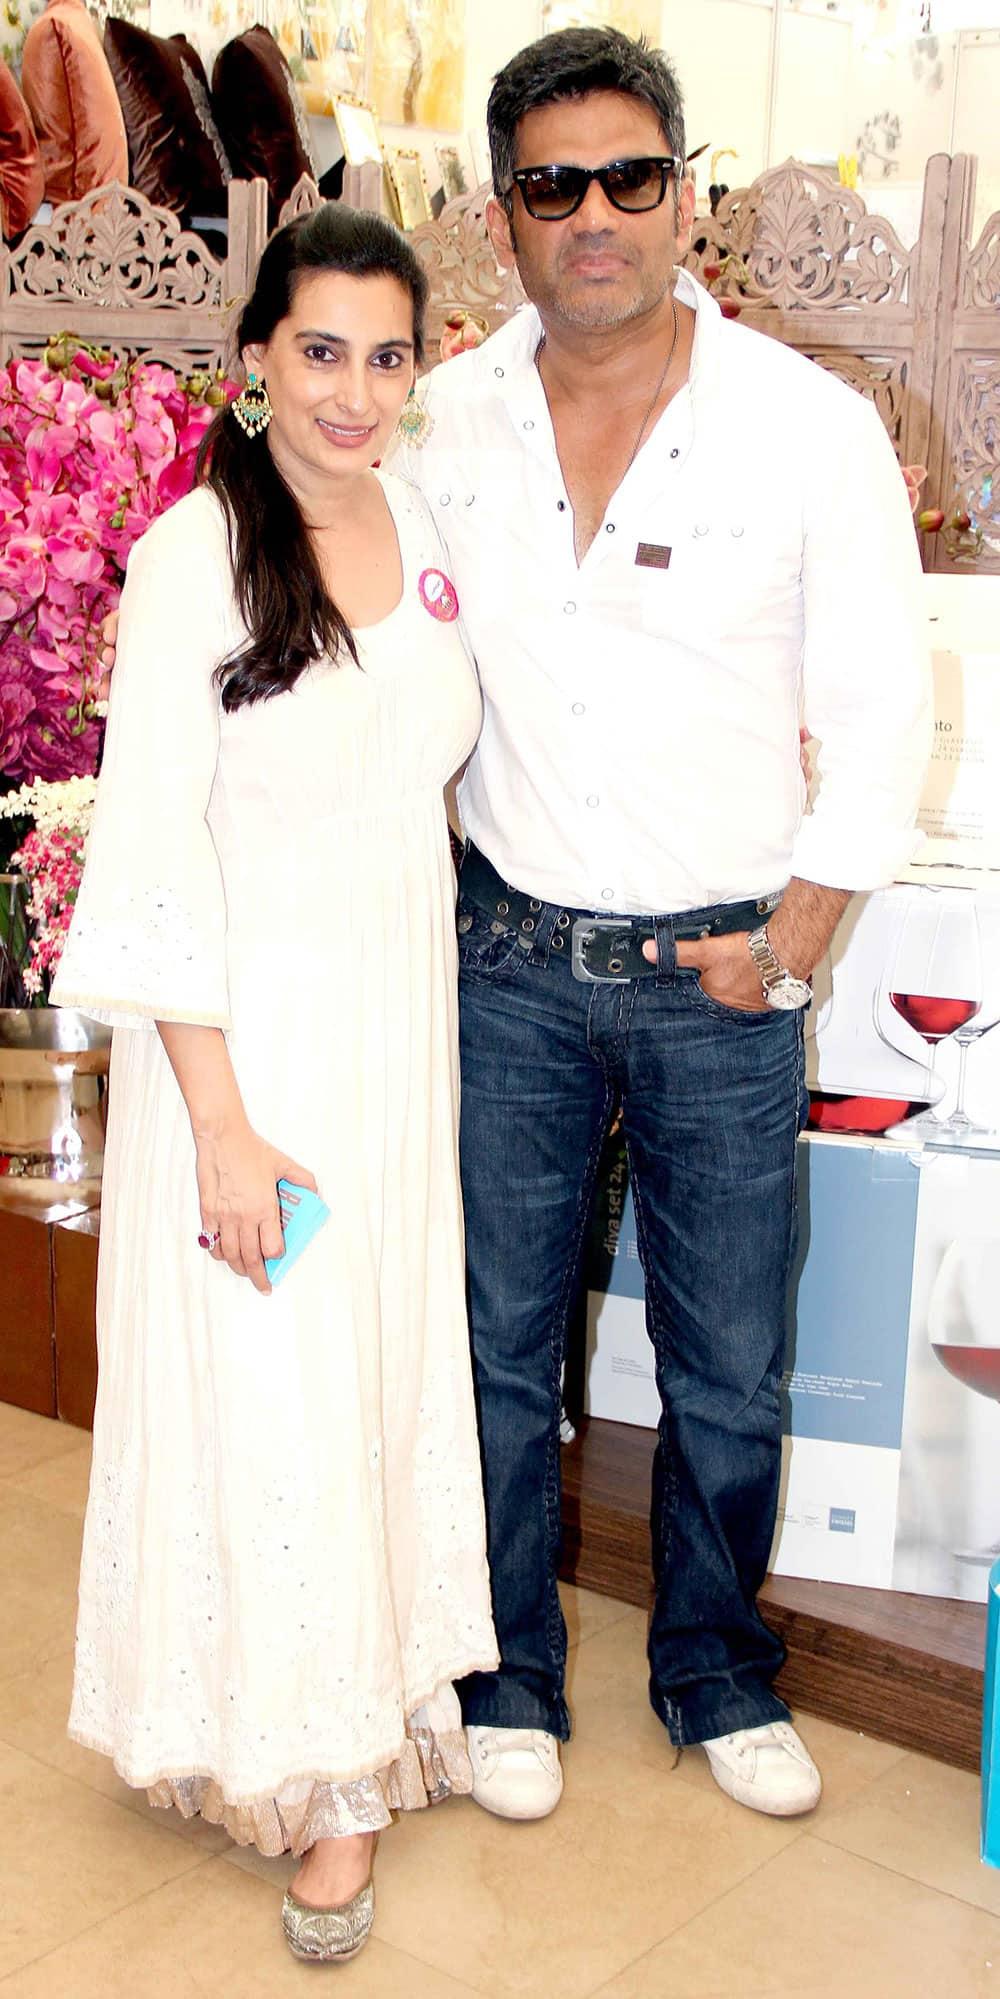 Mana and Suniel Shetty during the Mana Shetty's Araaish Exhibition in Mumbai. Pic Courtesy: DNA